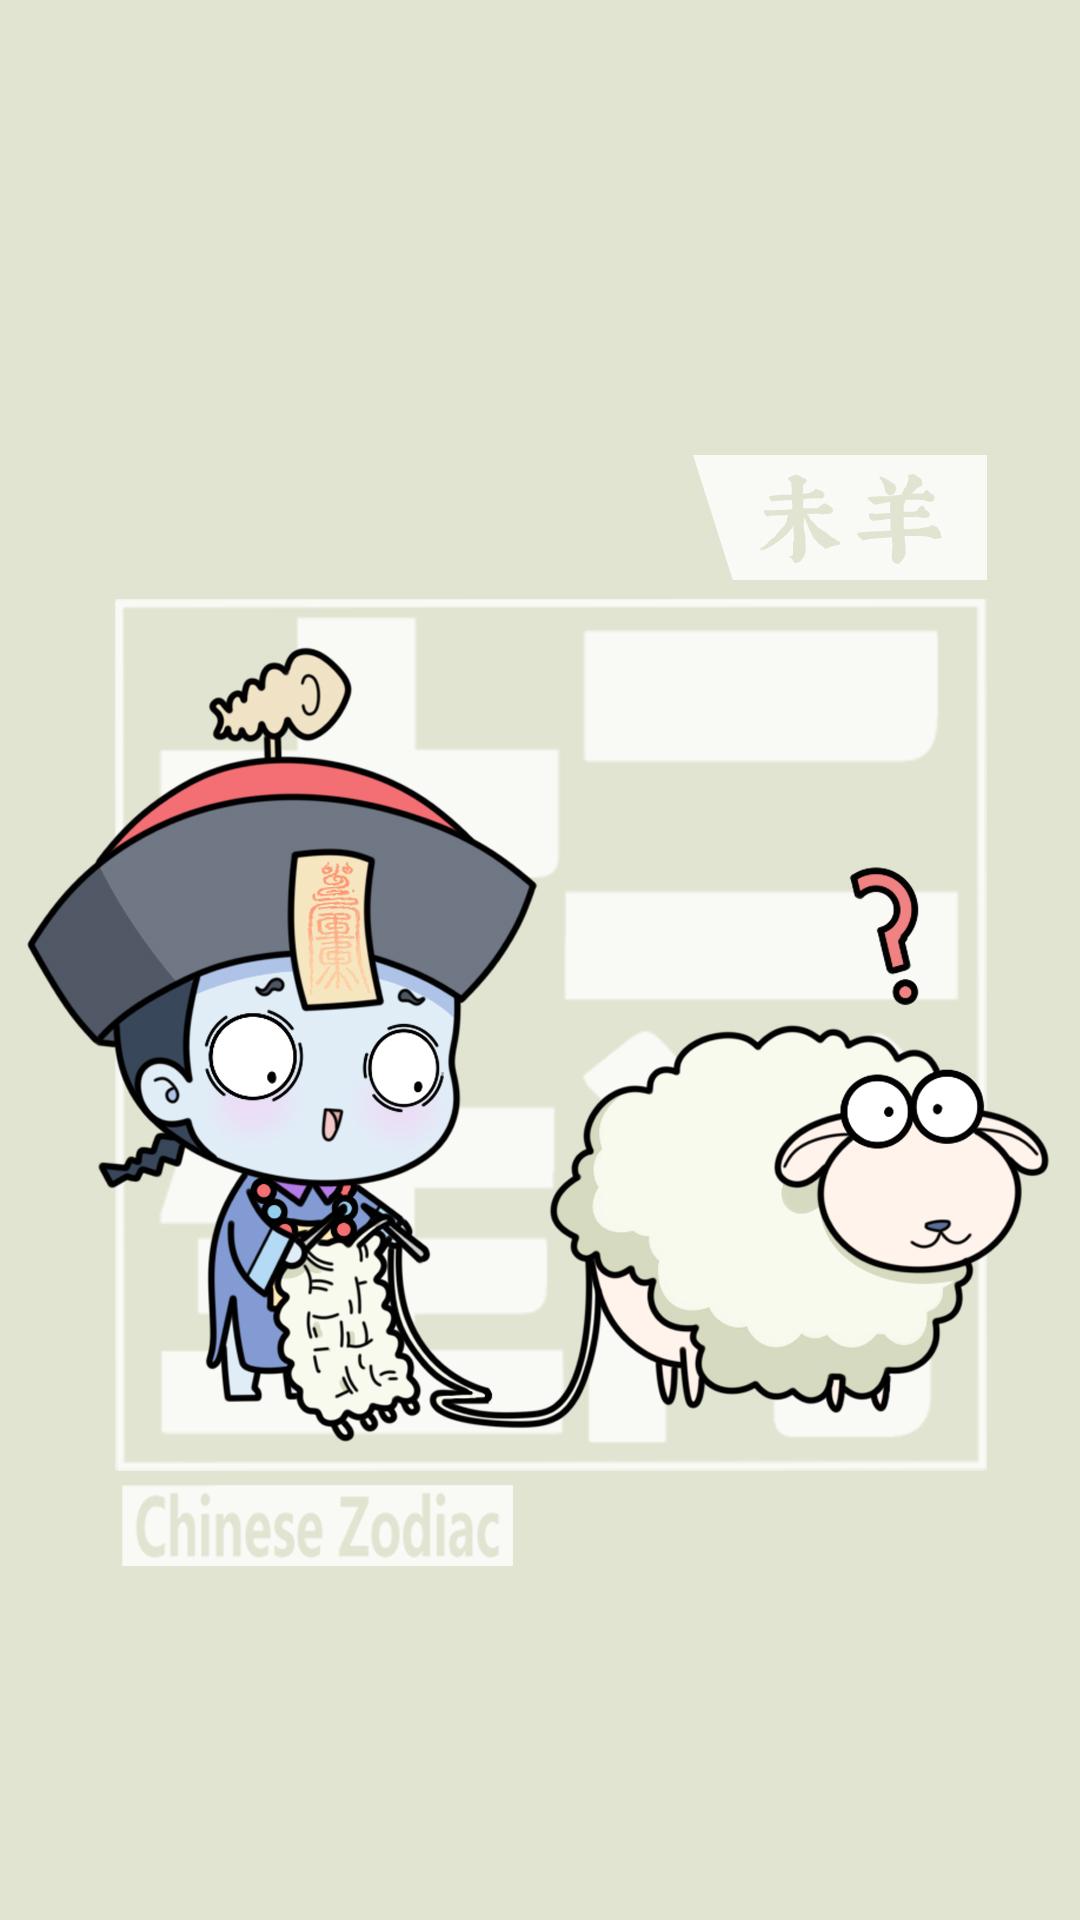 僵小鱼十二生肖壁纸(2)